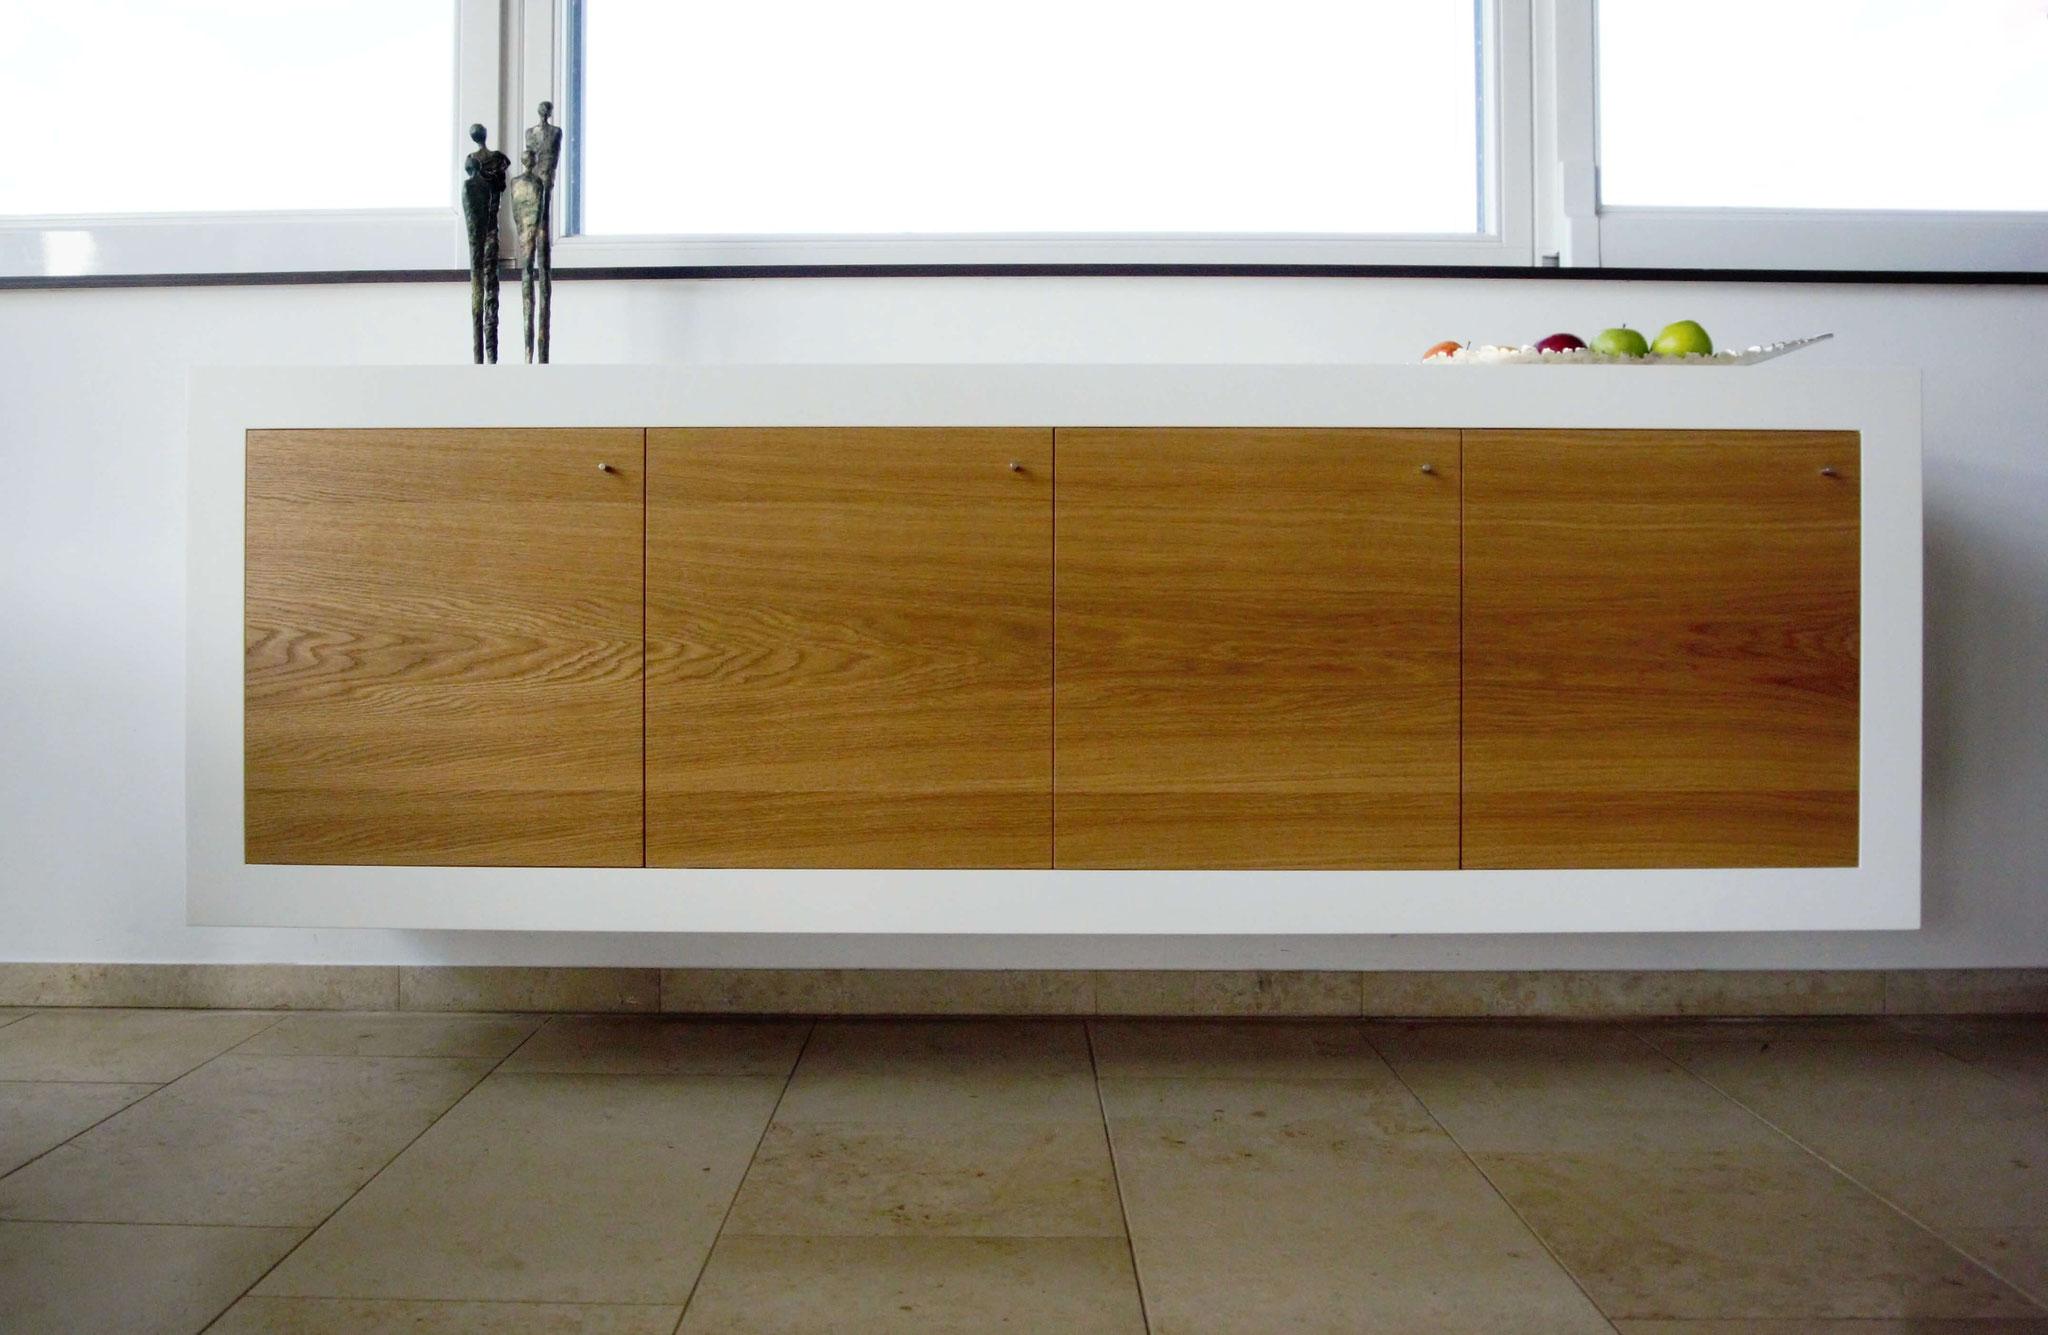 Esszimmer - Möbelbau & Möbel nach Maß - Holzdesign Rapp Geisingen